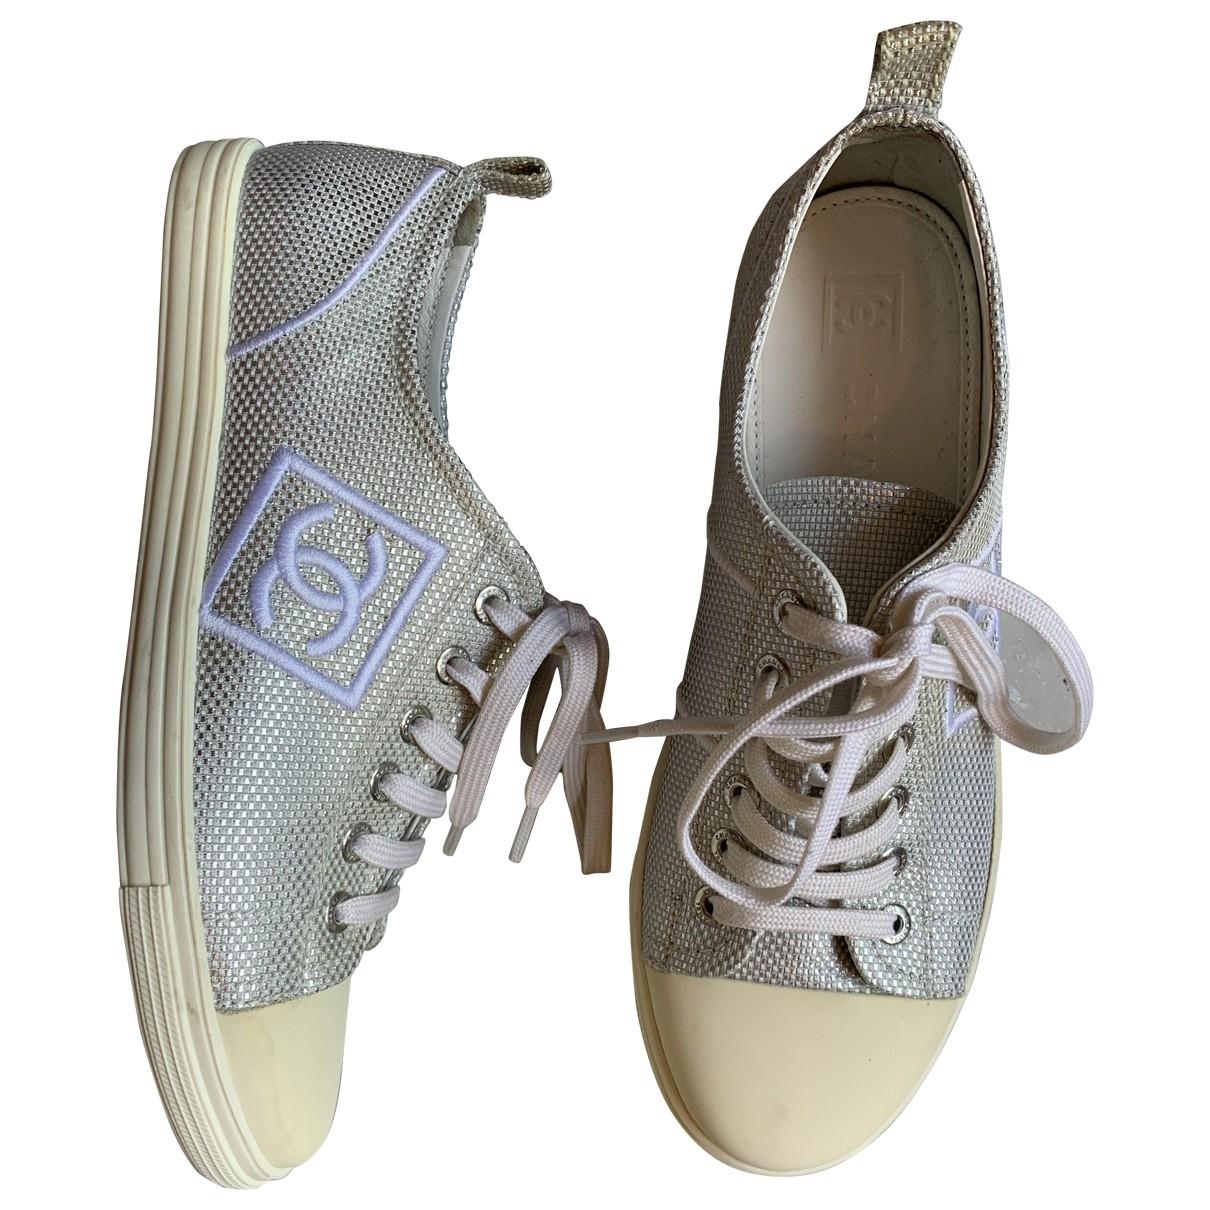 Chanel \N Sneakers in  Silber Leinen